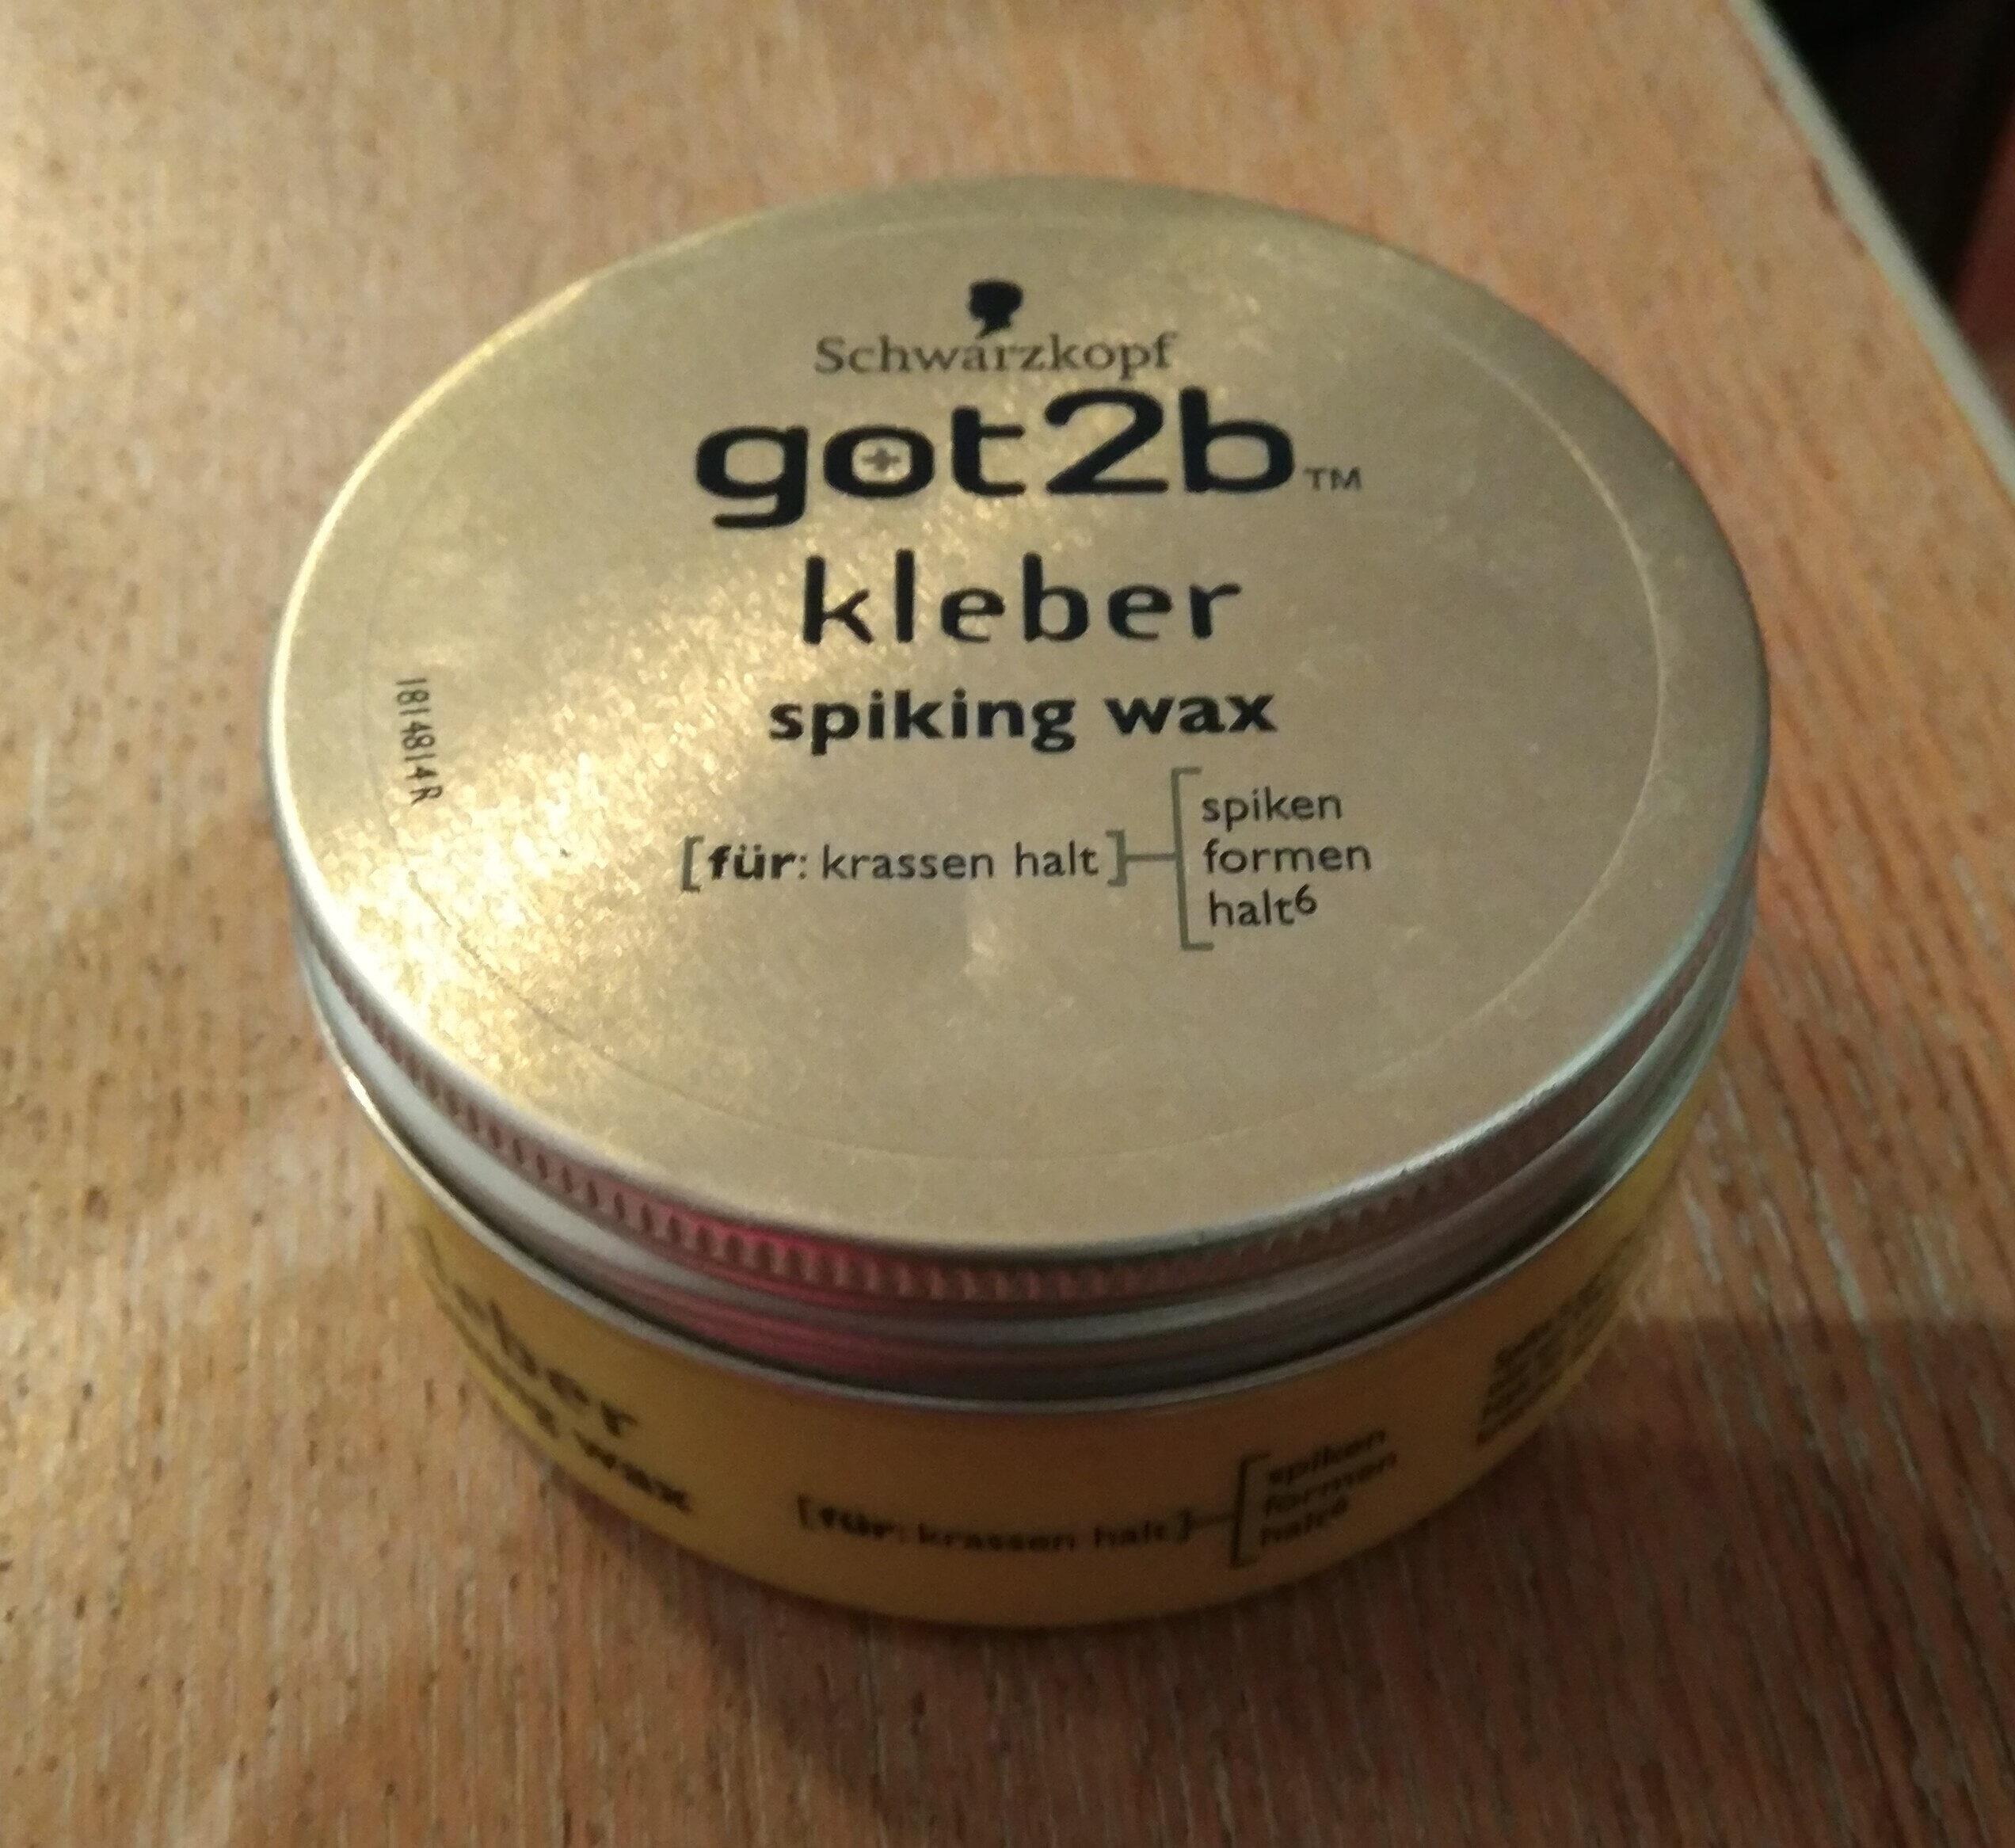 got2b kleber spiking wax - Product - en